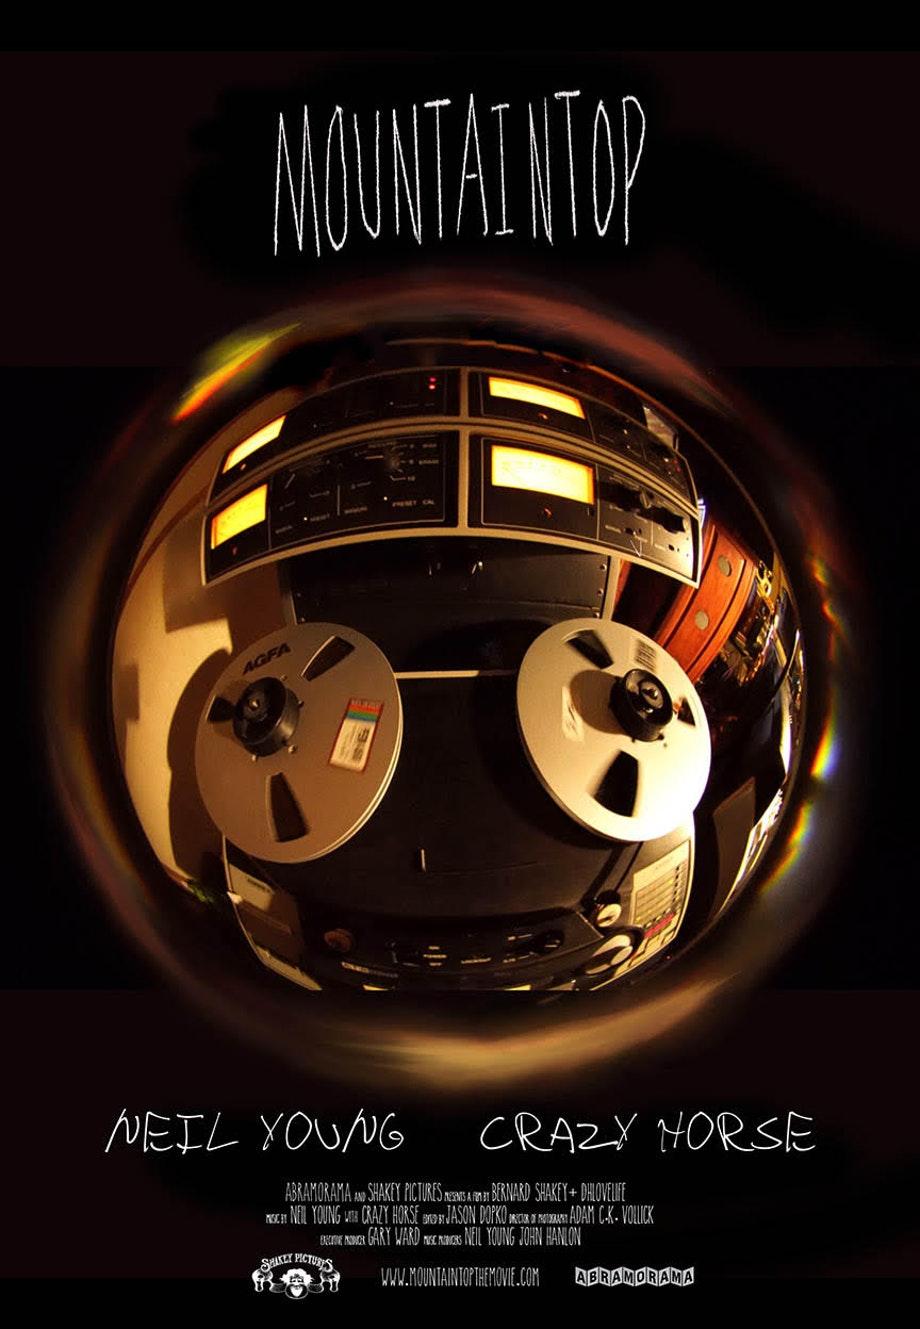 ニール・ヤングの最新ドキュメンタリー『Mountaintop』、トレーラー映像公開